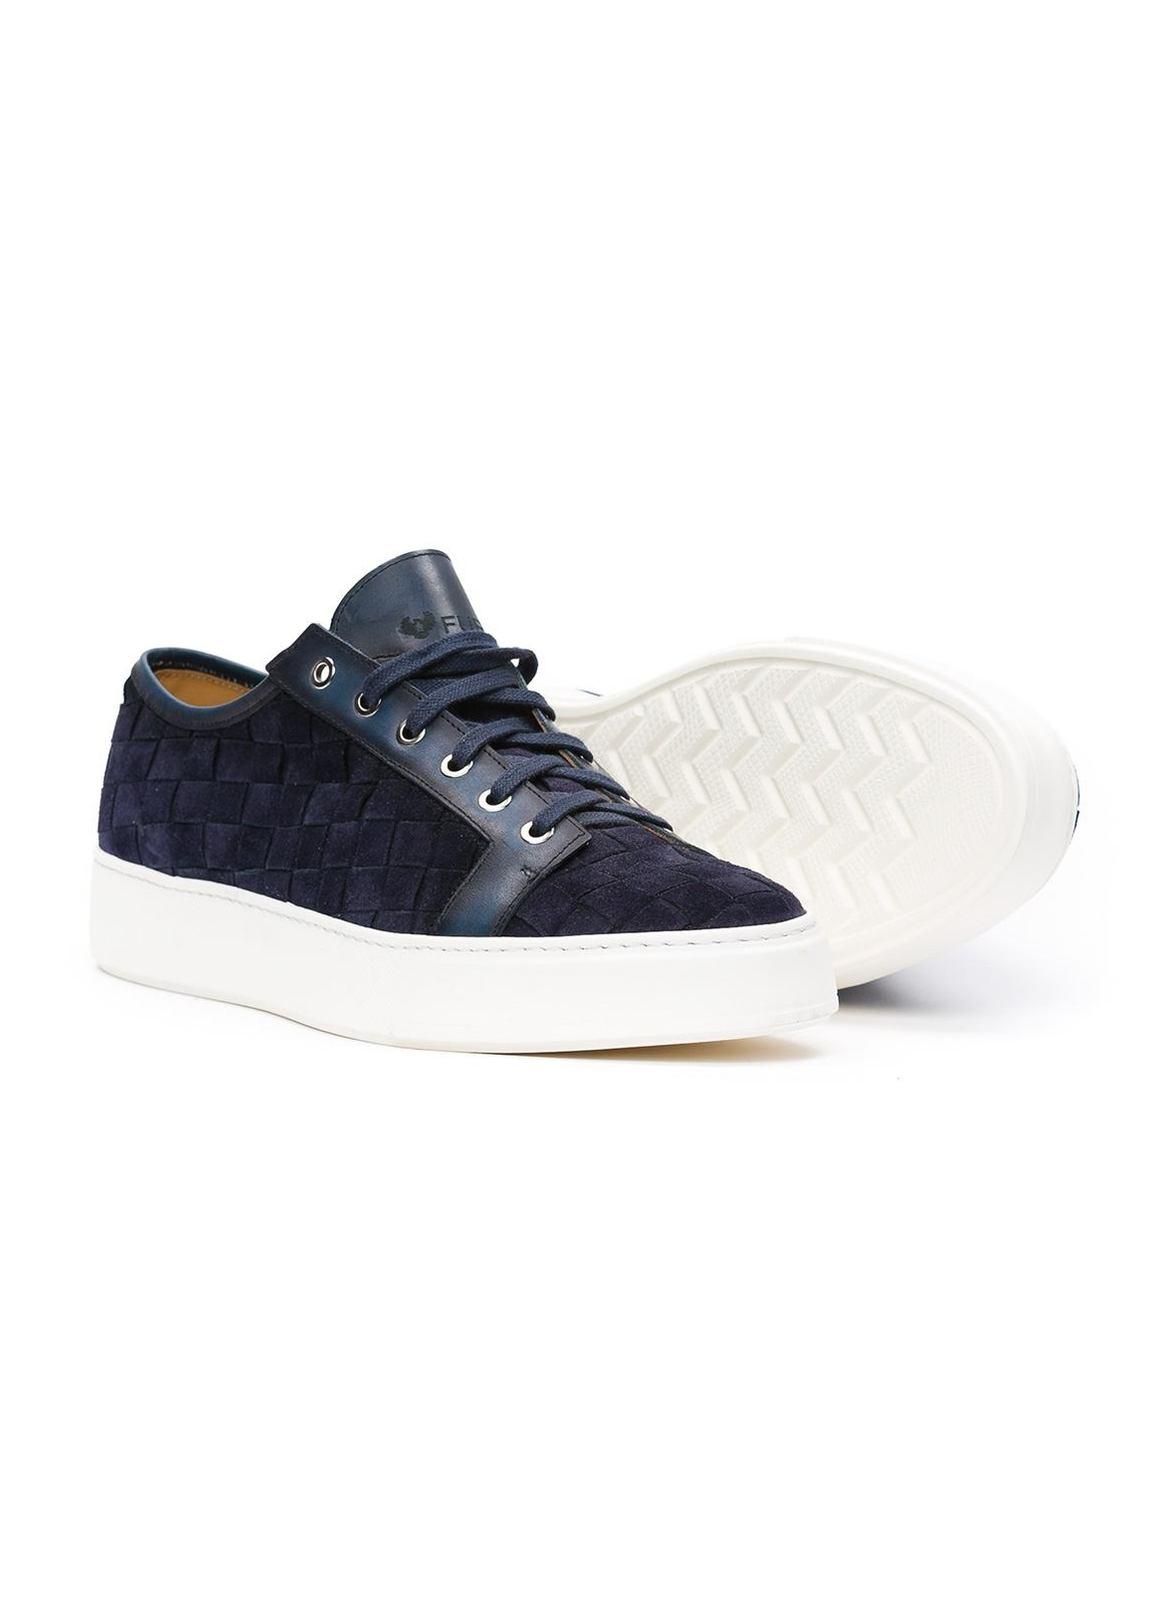 Zapato Sport wear color azul marino,100% Serraje. - Ítem2